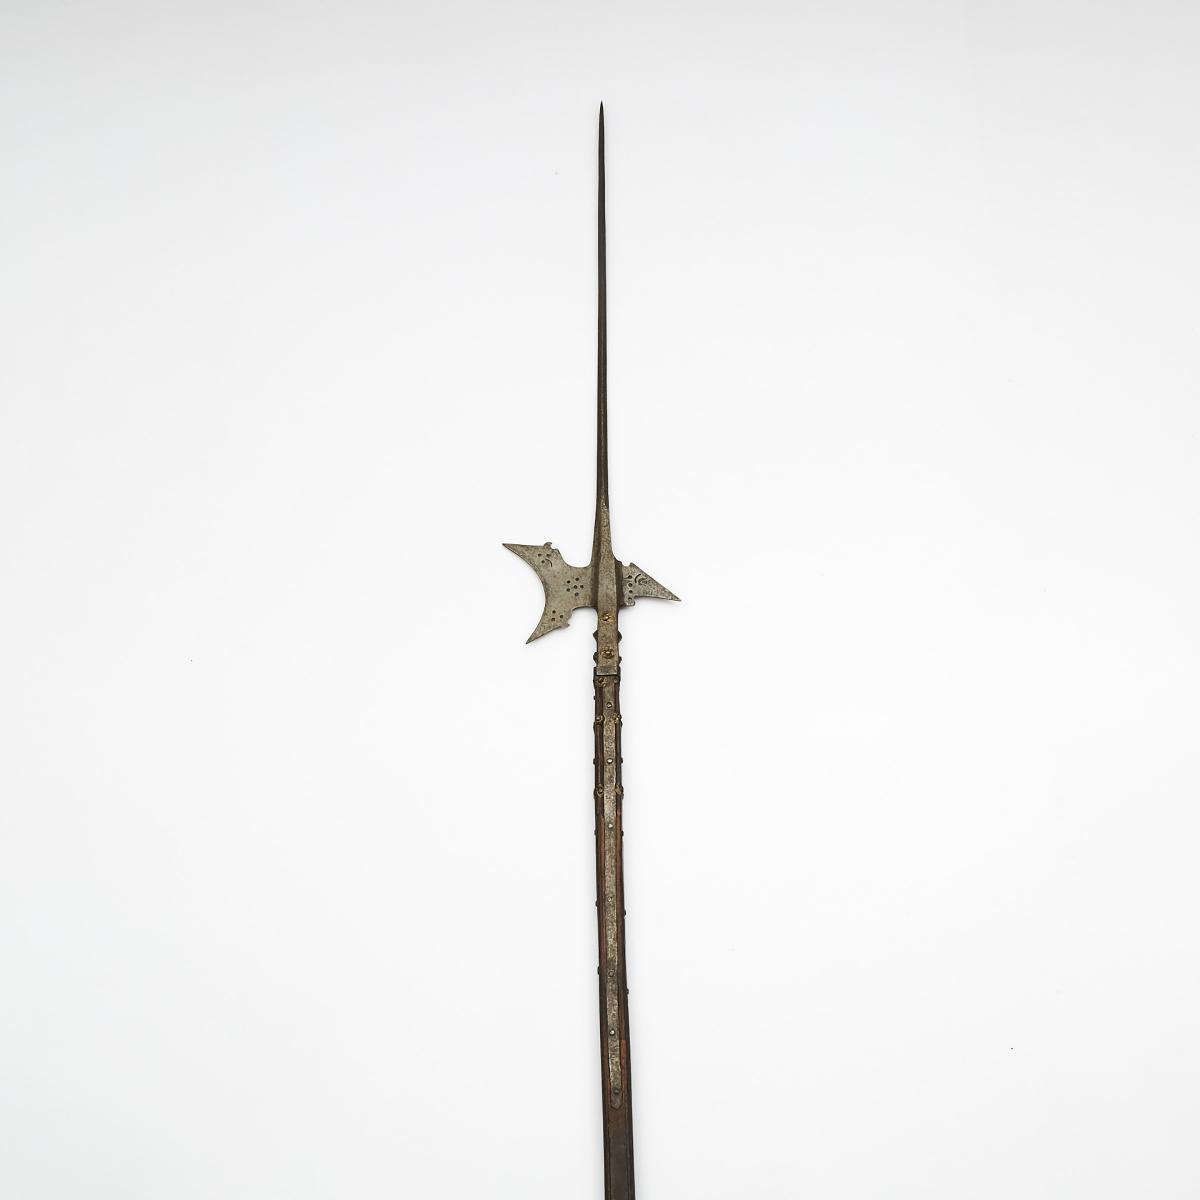 German or Swiss Halberd, late 16th century, length 73.5 in — 186.7 cm